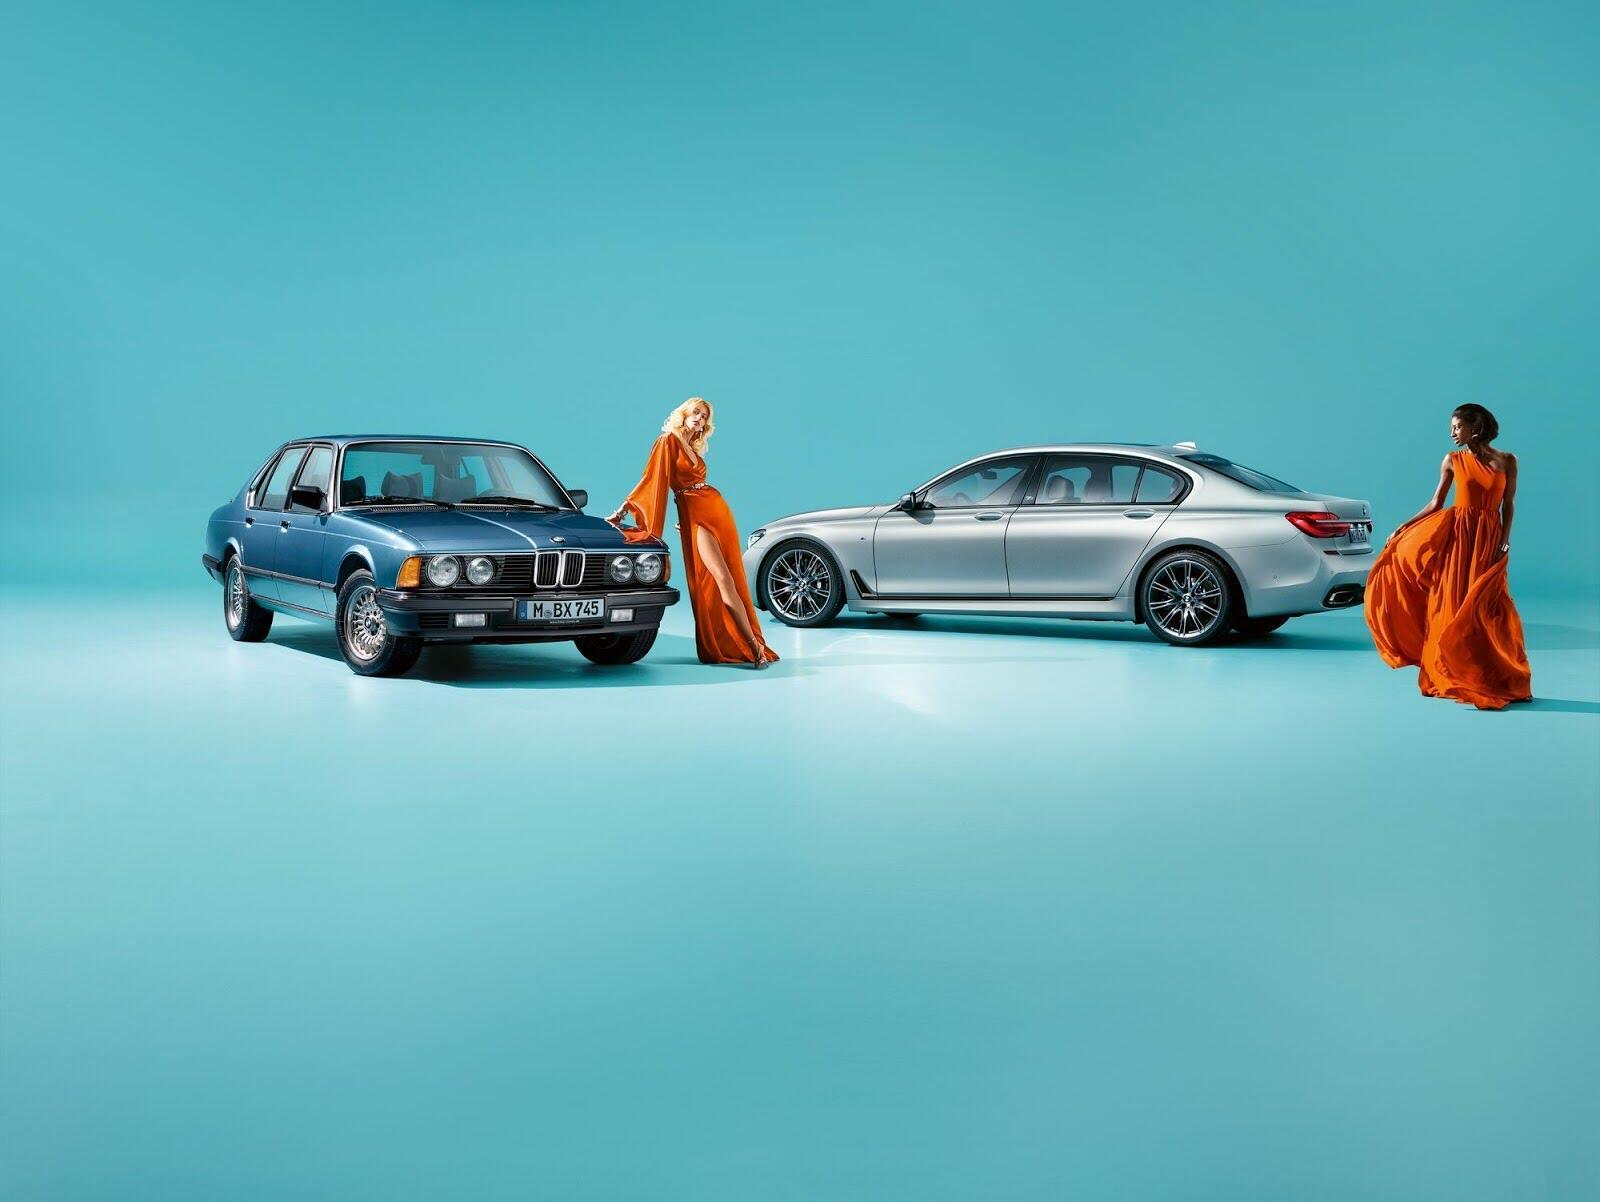 BMW 7-Series ra mắt phiên bản kỷ niệm chỉ 200 chiếc - Hình 2